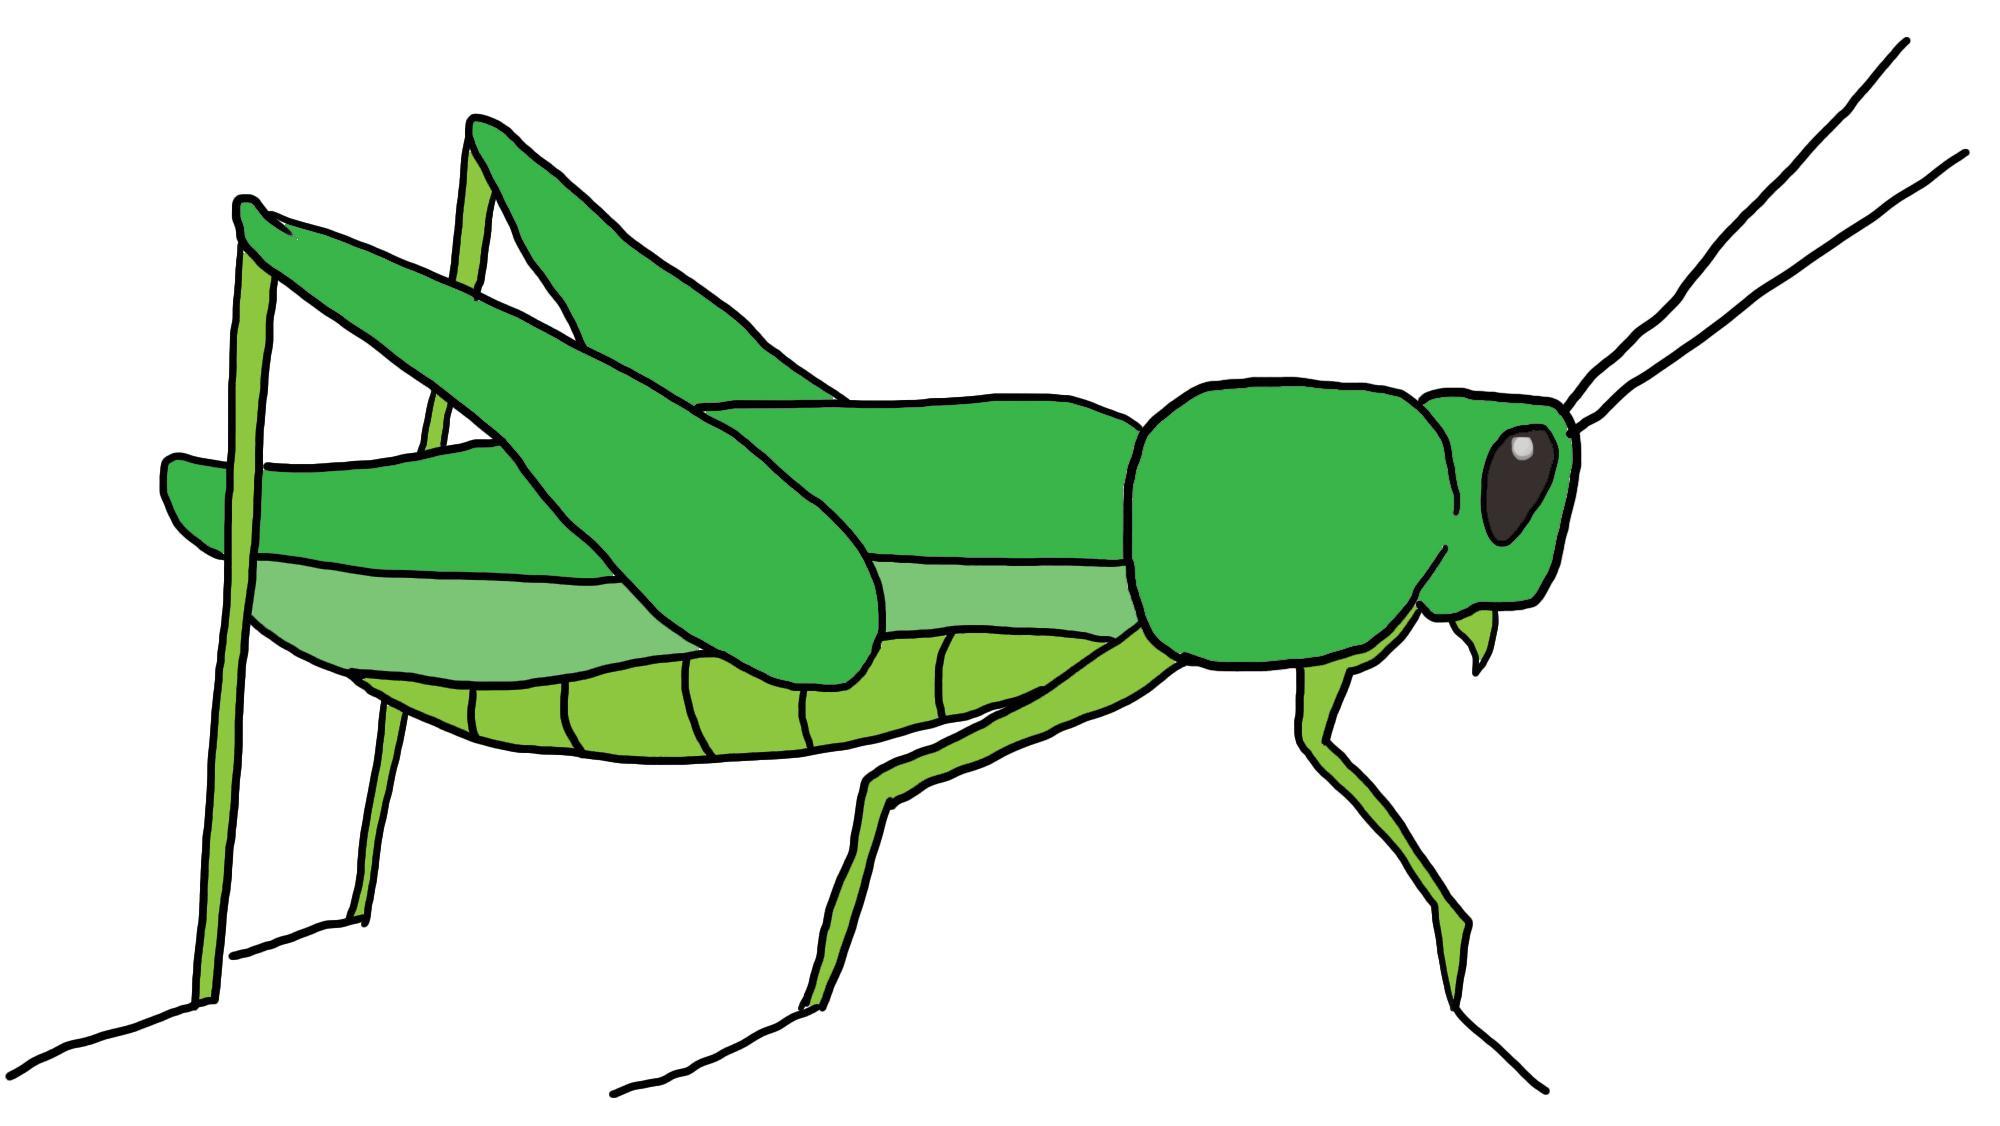 Clipart grasshopper svg freeuse stock Unique grasshopper clipart design – Gclipart.com svg freeuse stock